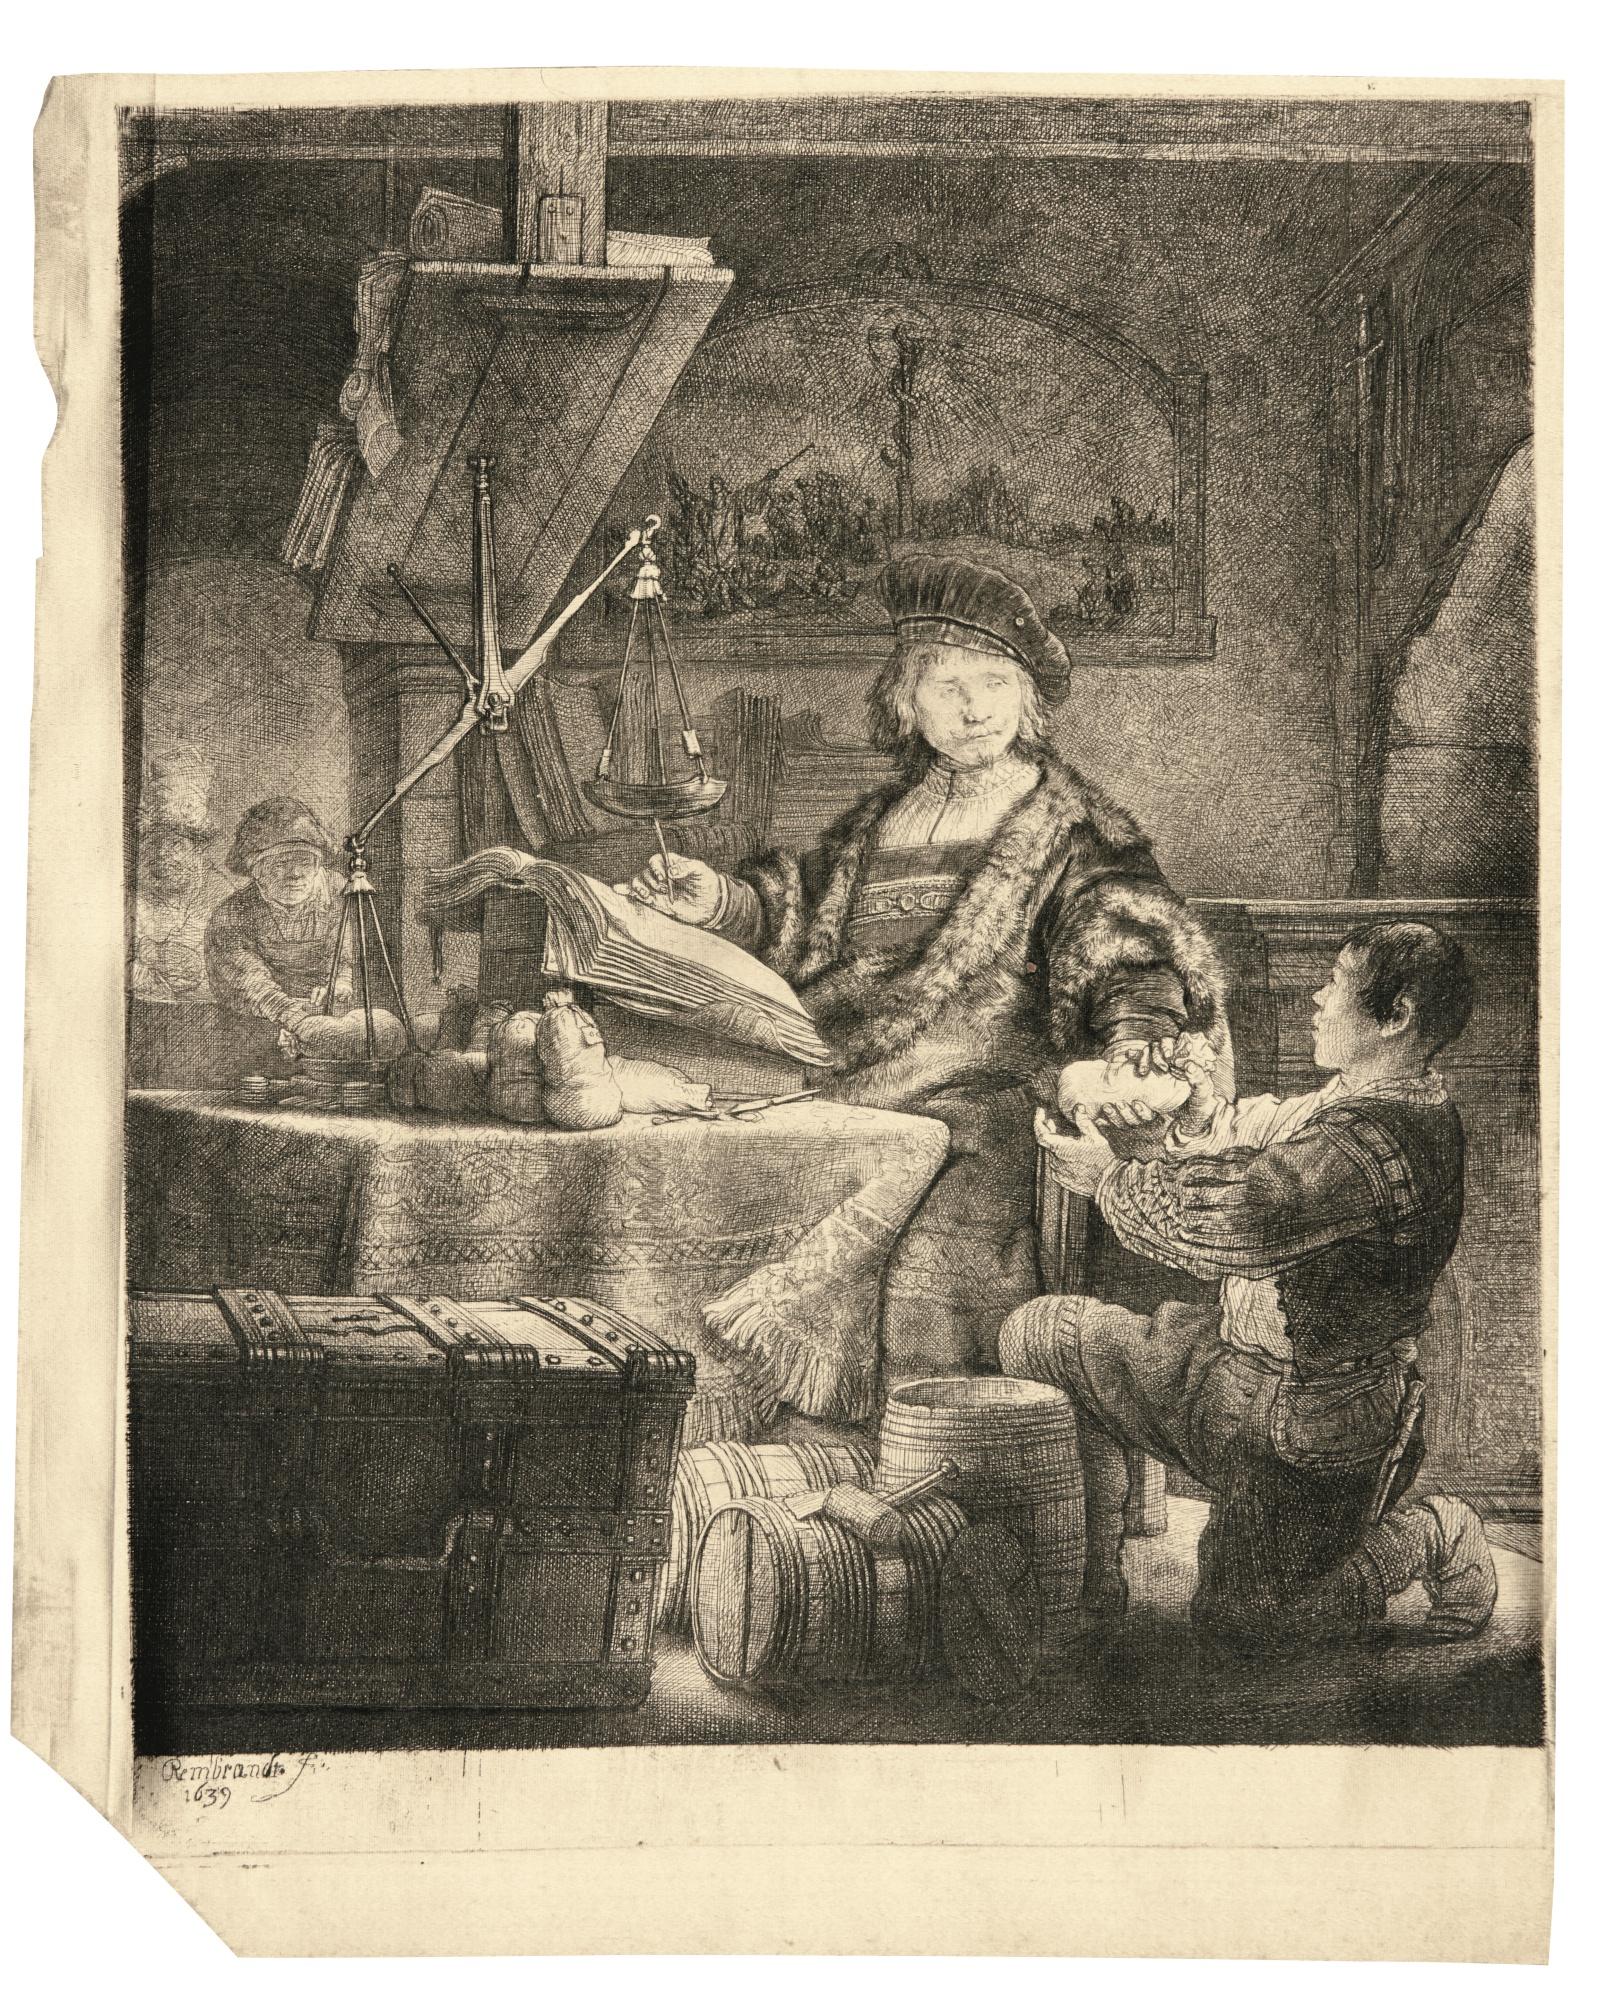 Rembrandt van Rijn-Jan Uytenbogaert, 'The Goldweigher' (B., Holl. 281; New Holl. 172; H. 167)-1639